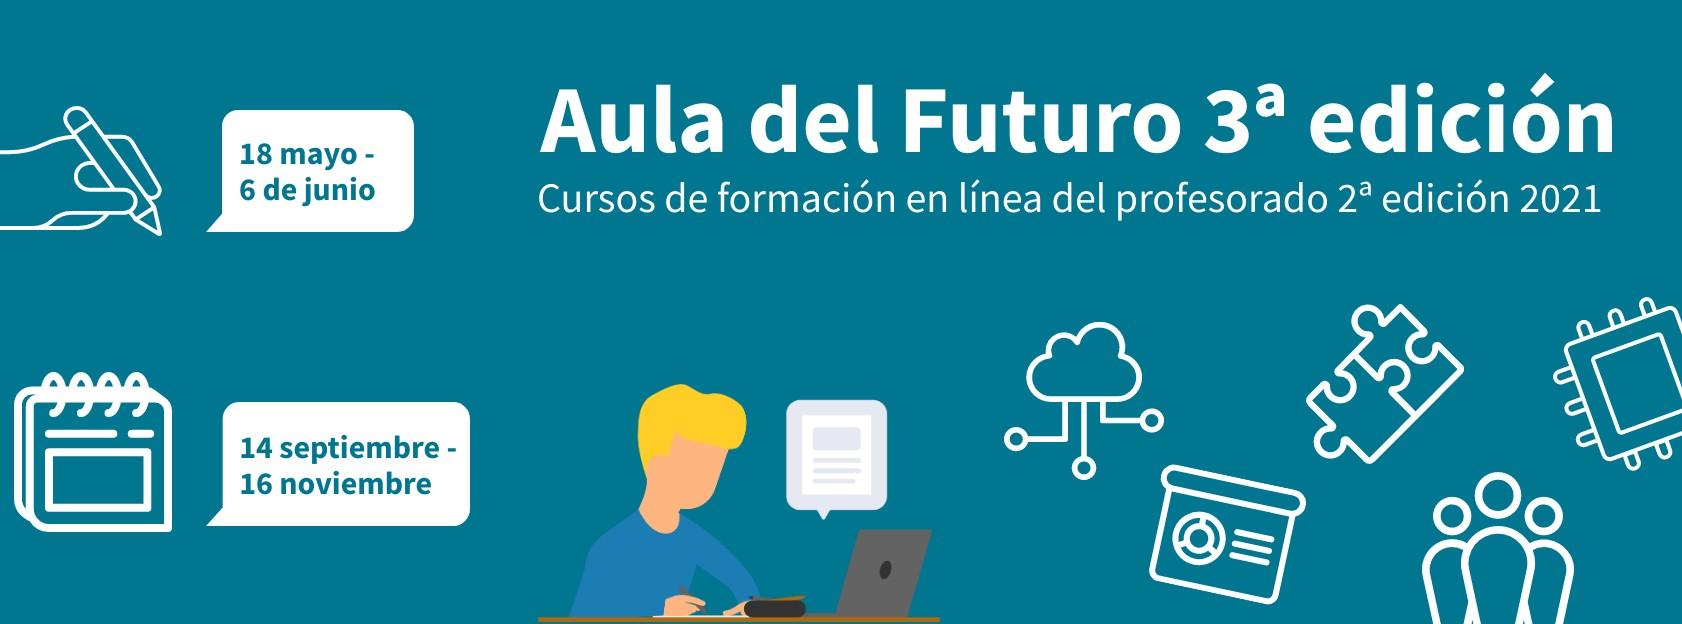 Disponible la 3ª edición del curso aula del futuro en la 2ª edición de la formación en línea 2021